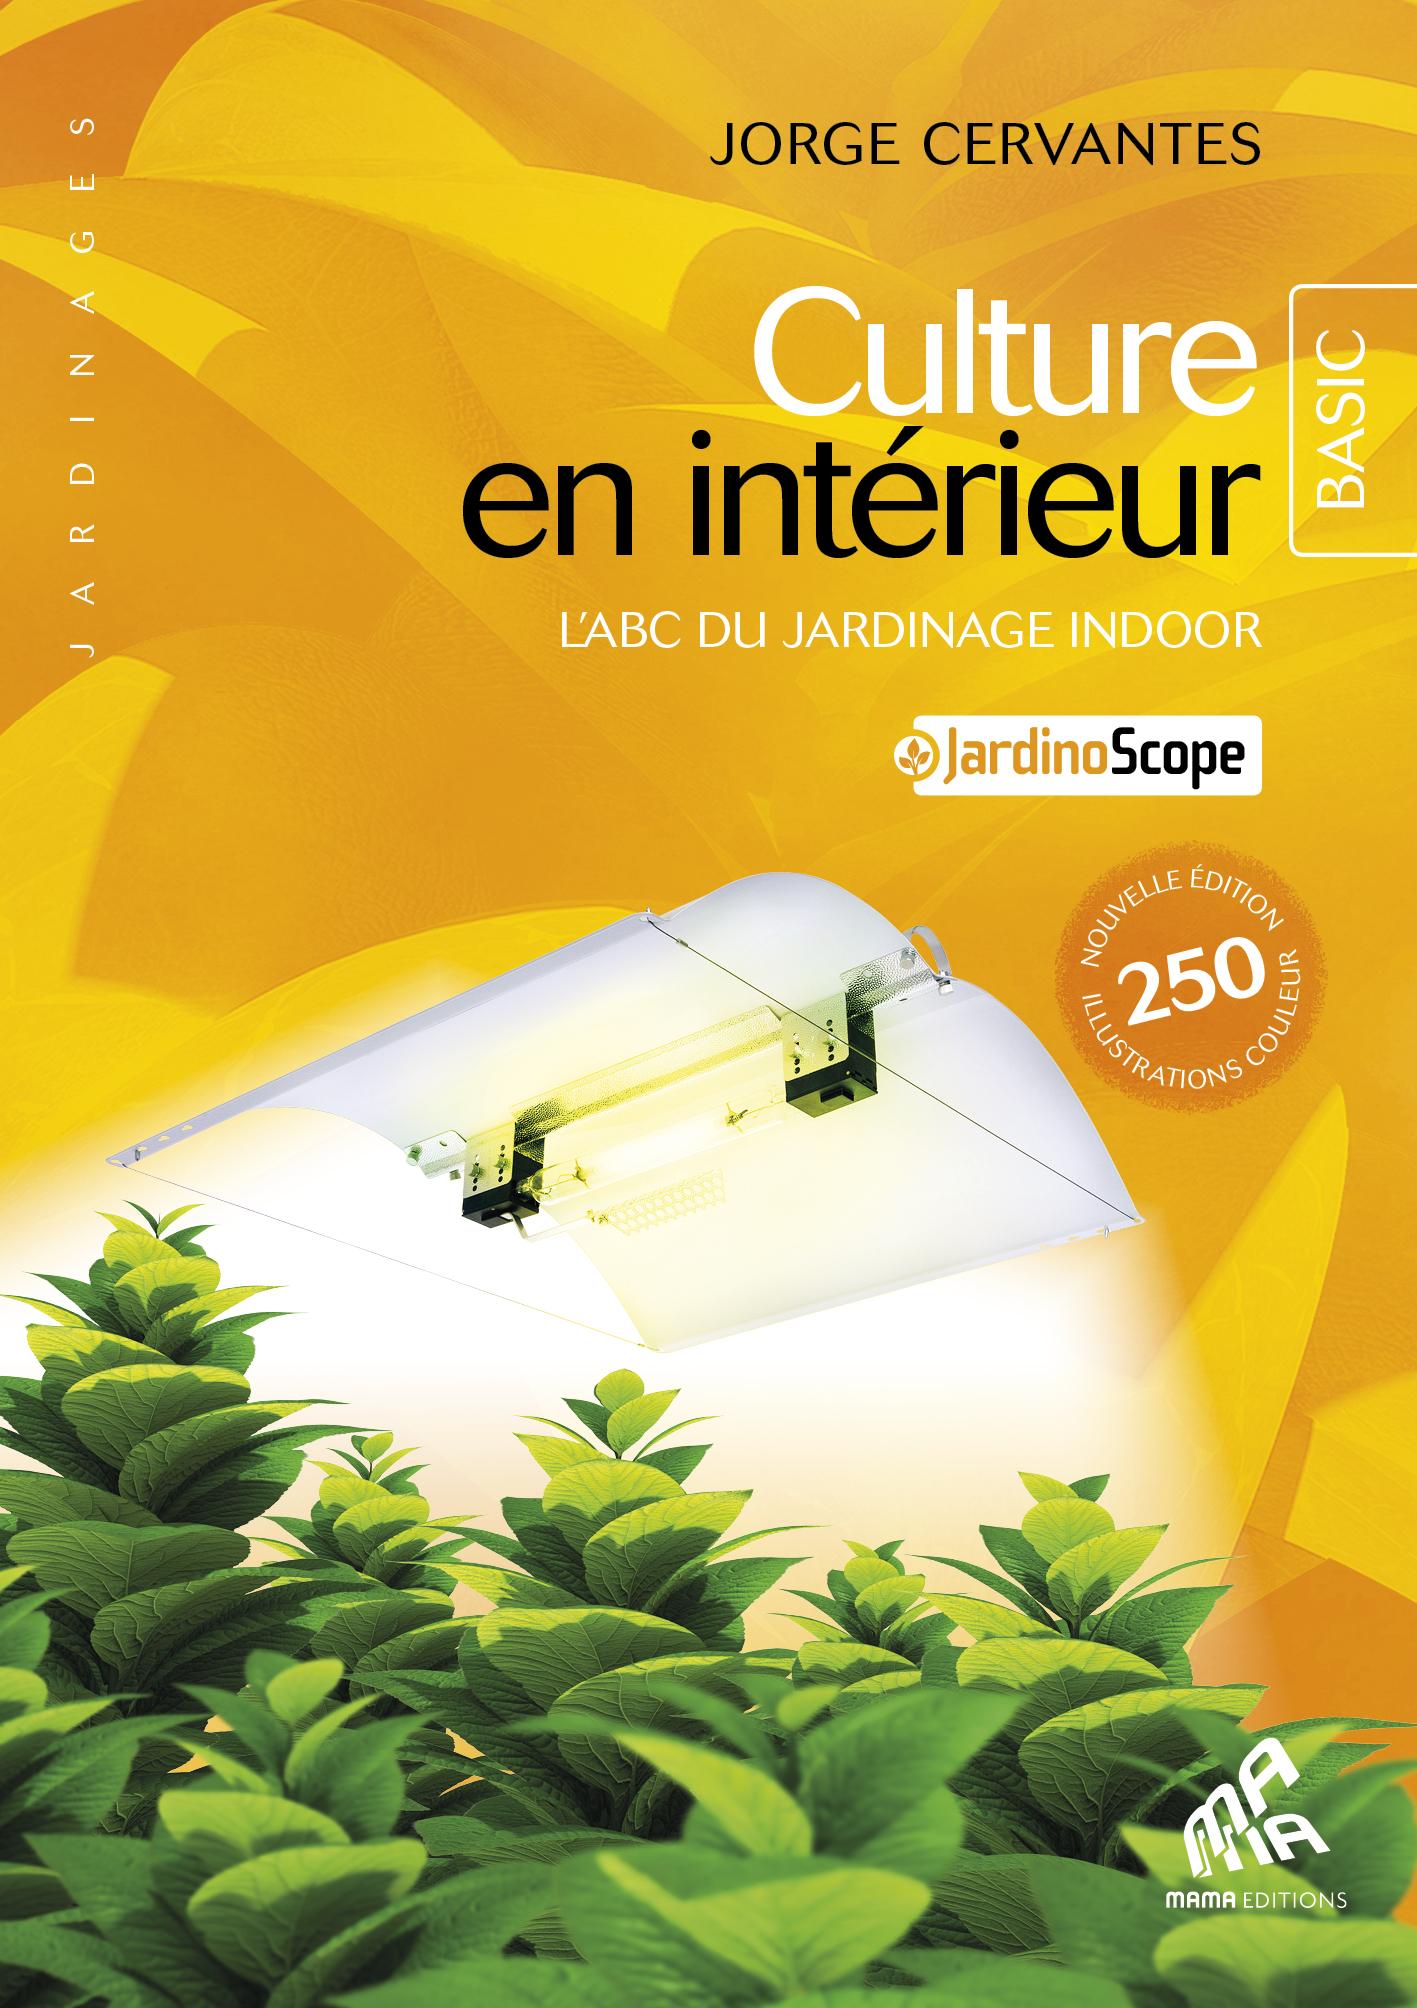 Vignette du livre Culture en intérieur - Basic Edition - Jorge Cervantes